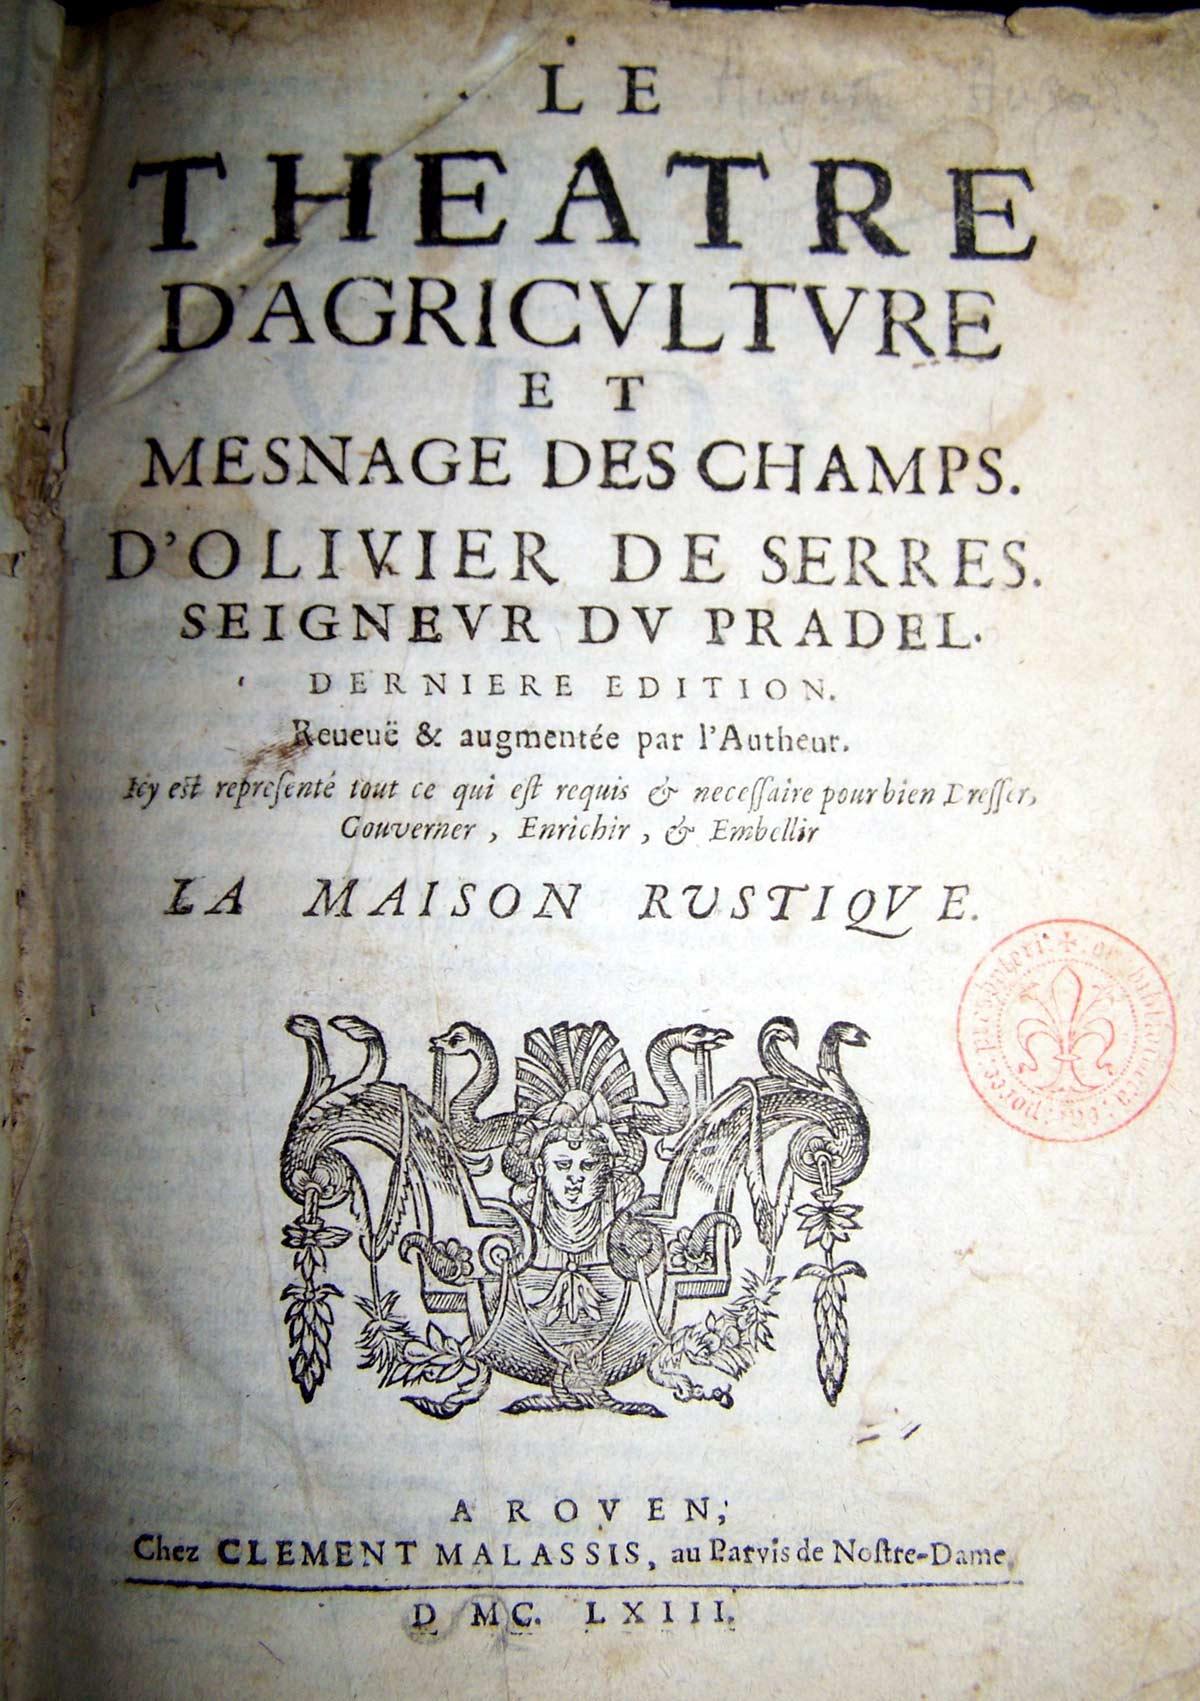 Theatre_d'Adriculture_et_Mesnage_des_Champs